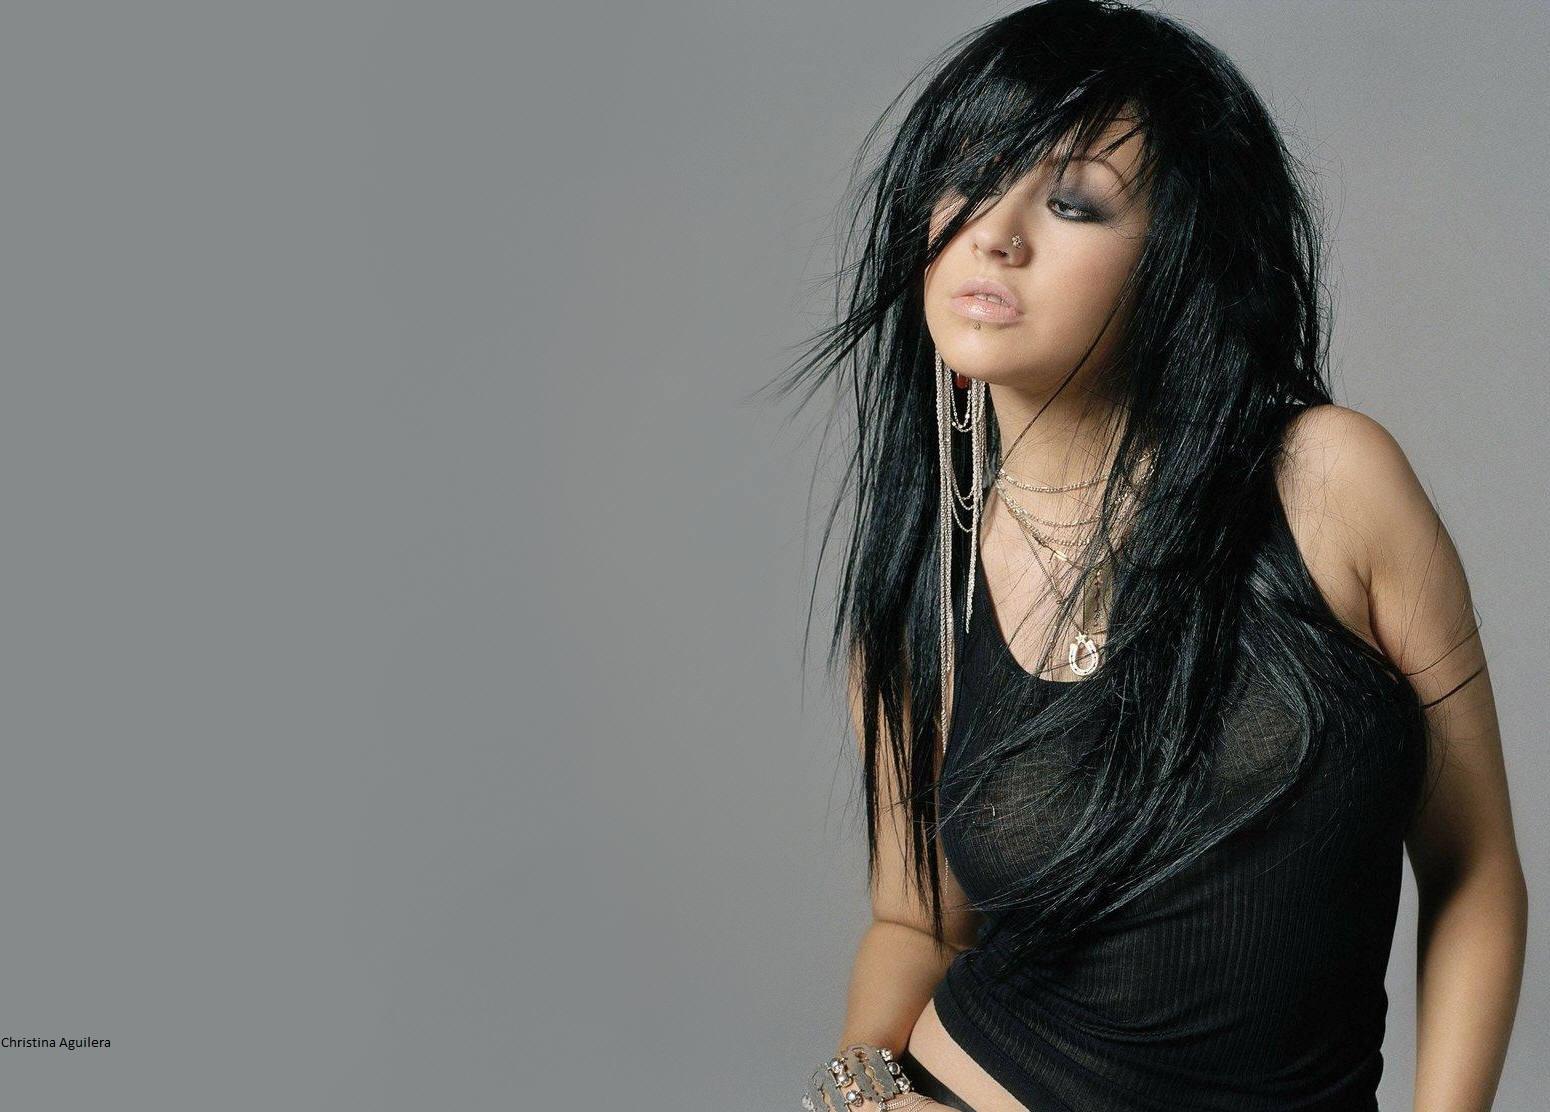 http://3.bp.blogspot.com/-h-8caqe_YGs/UFxeZbPuL_I/AAAAAAAAFSc/5tHvpH8e82o/s1600/Christina+Aguilera-16.jpg